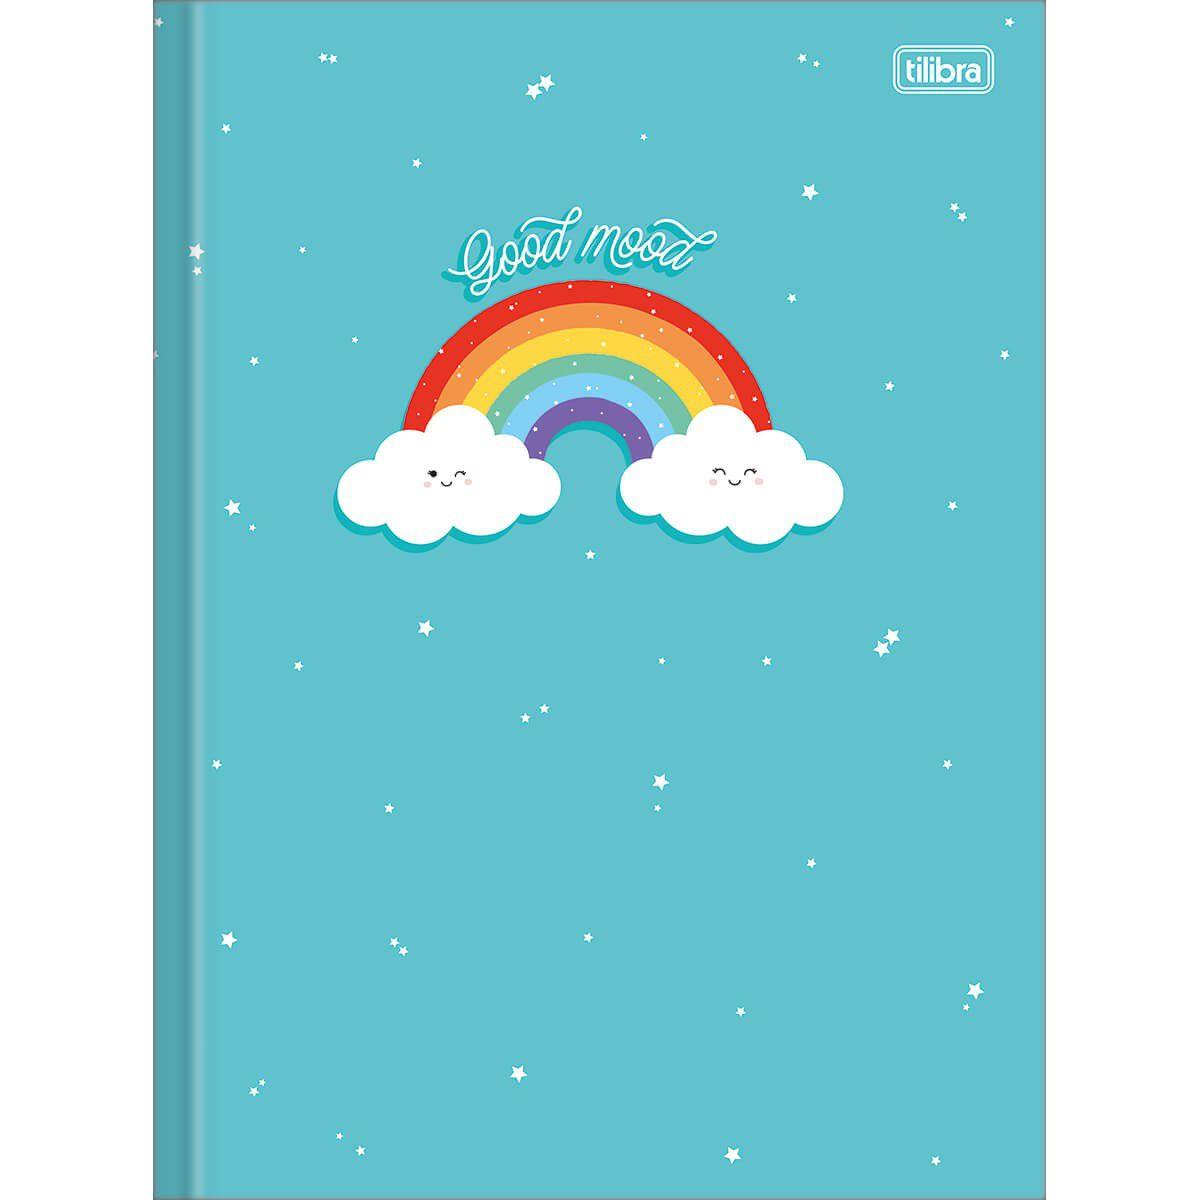 Caderno Tilibra Capa Dura Costurado Universitário 80 Fls Rainbow 309524 27843